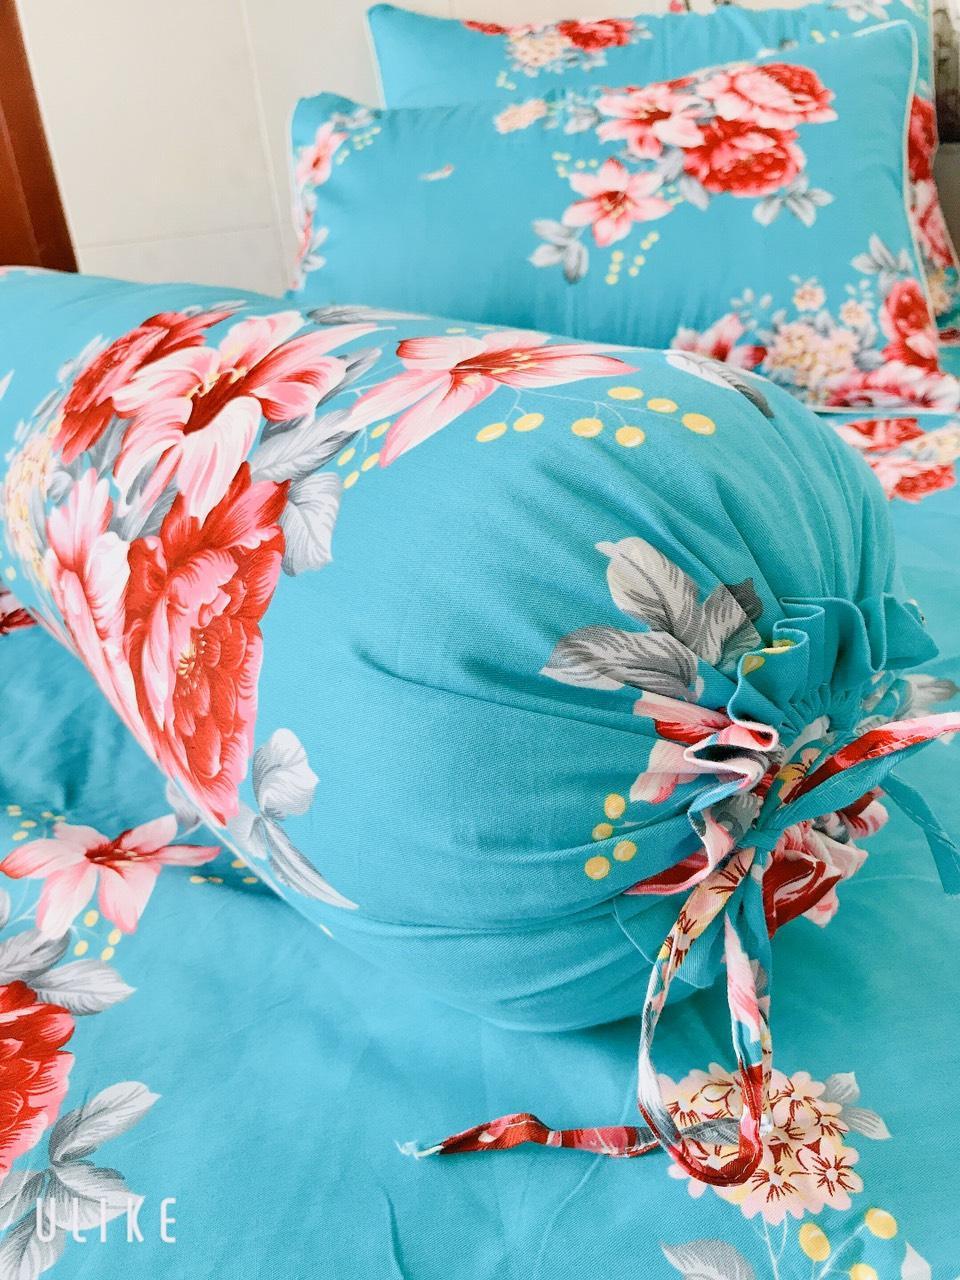 Áo Gối Ôm 35 x 100cm Cotton May Từ Vải Cotton Thắng Lợi Mẫu Hoa Nhiều Màu ( Giao màu sắc ngẫu nhiên )